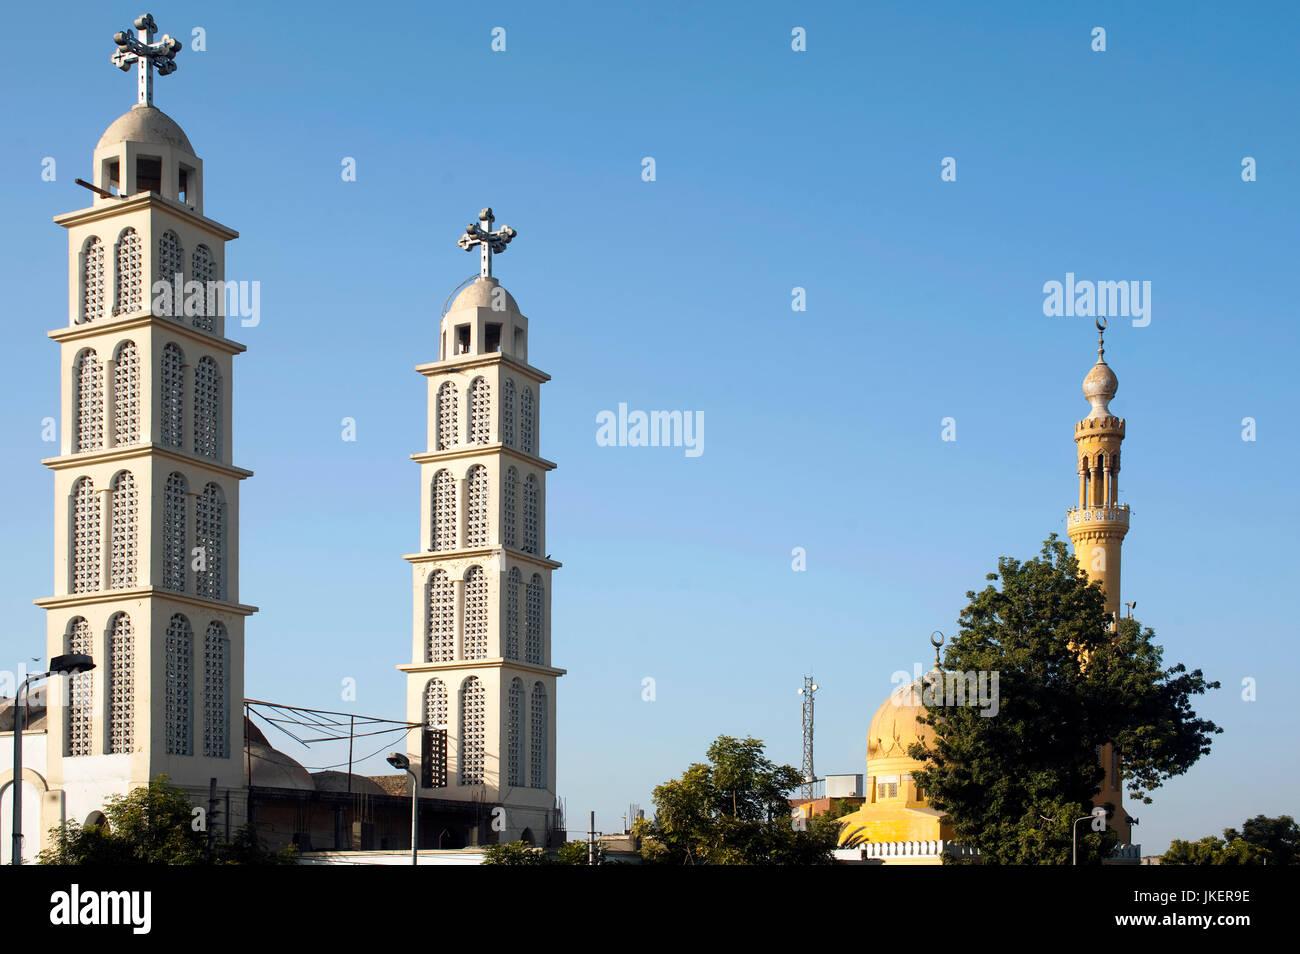 Aegypten, Kom Ombo (Kum Umbu), St. George Coptic Orthodox Church and a minaret - Stock Image